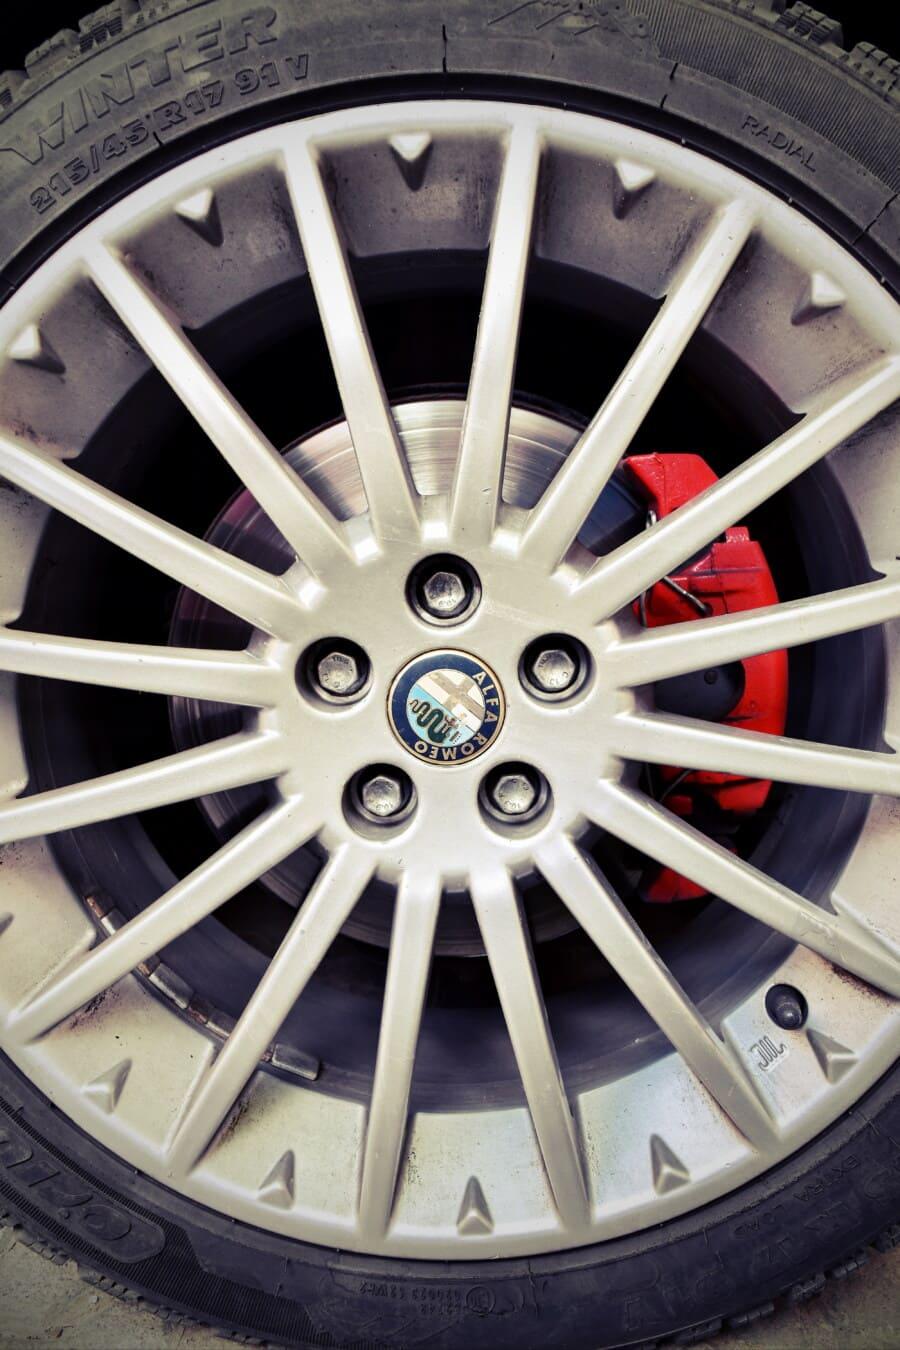 Alfa Romeo, Auto, Italien, Felge, Legierung, Aluminium, Luxus, Reifen, Rad, Gerät